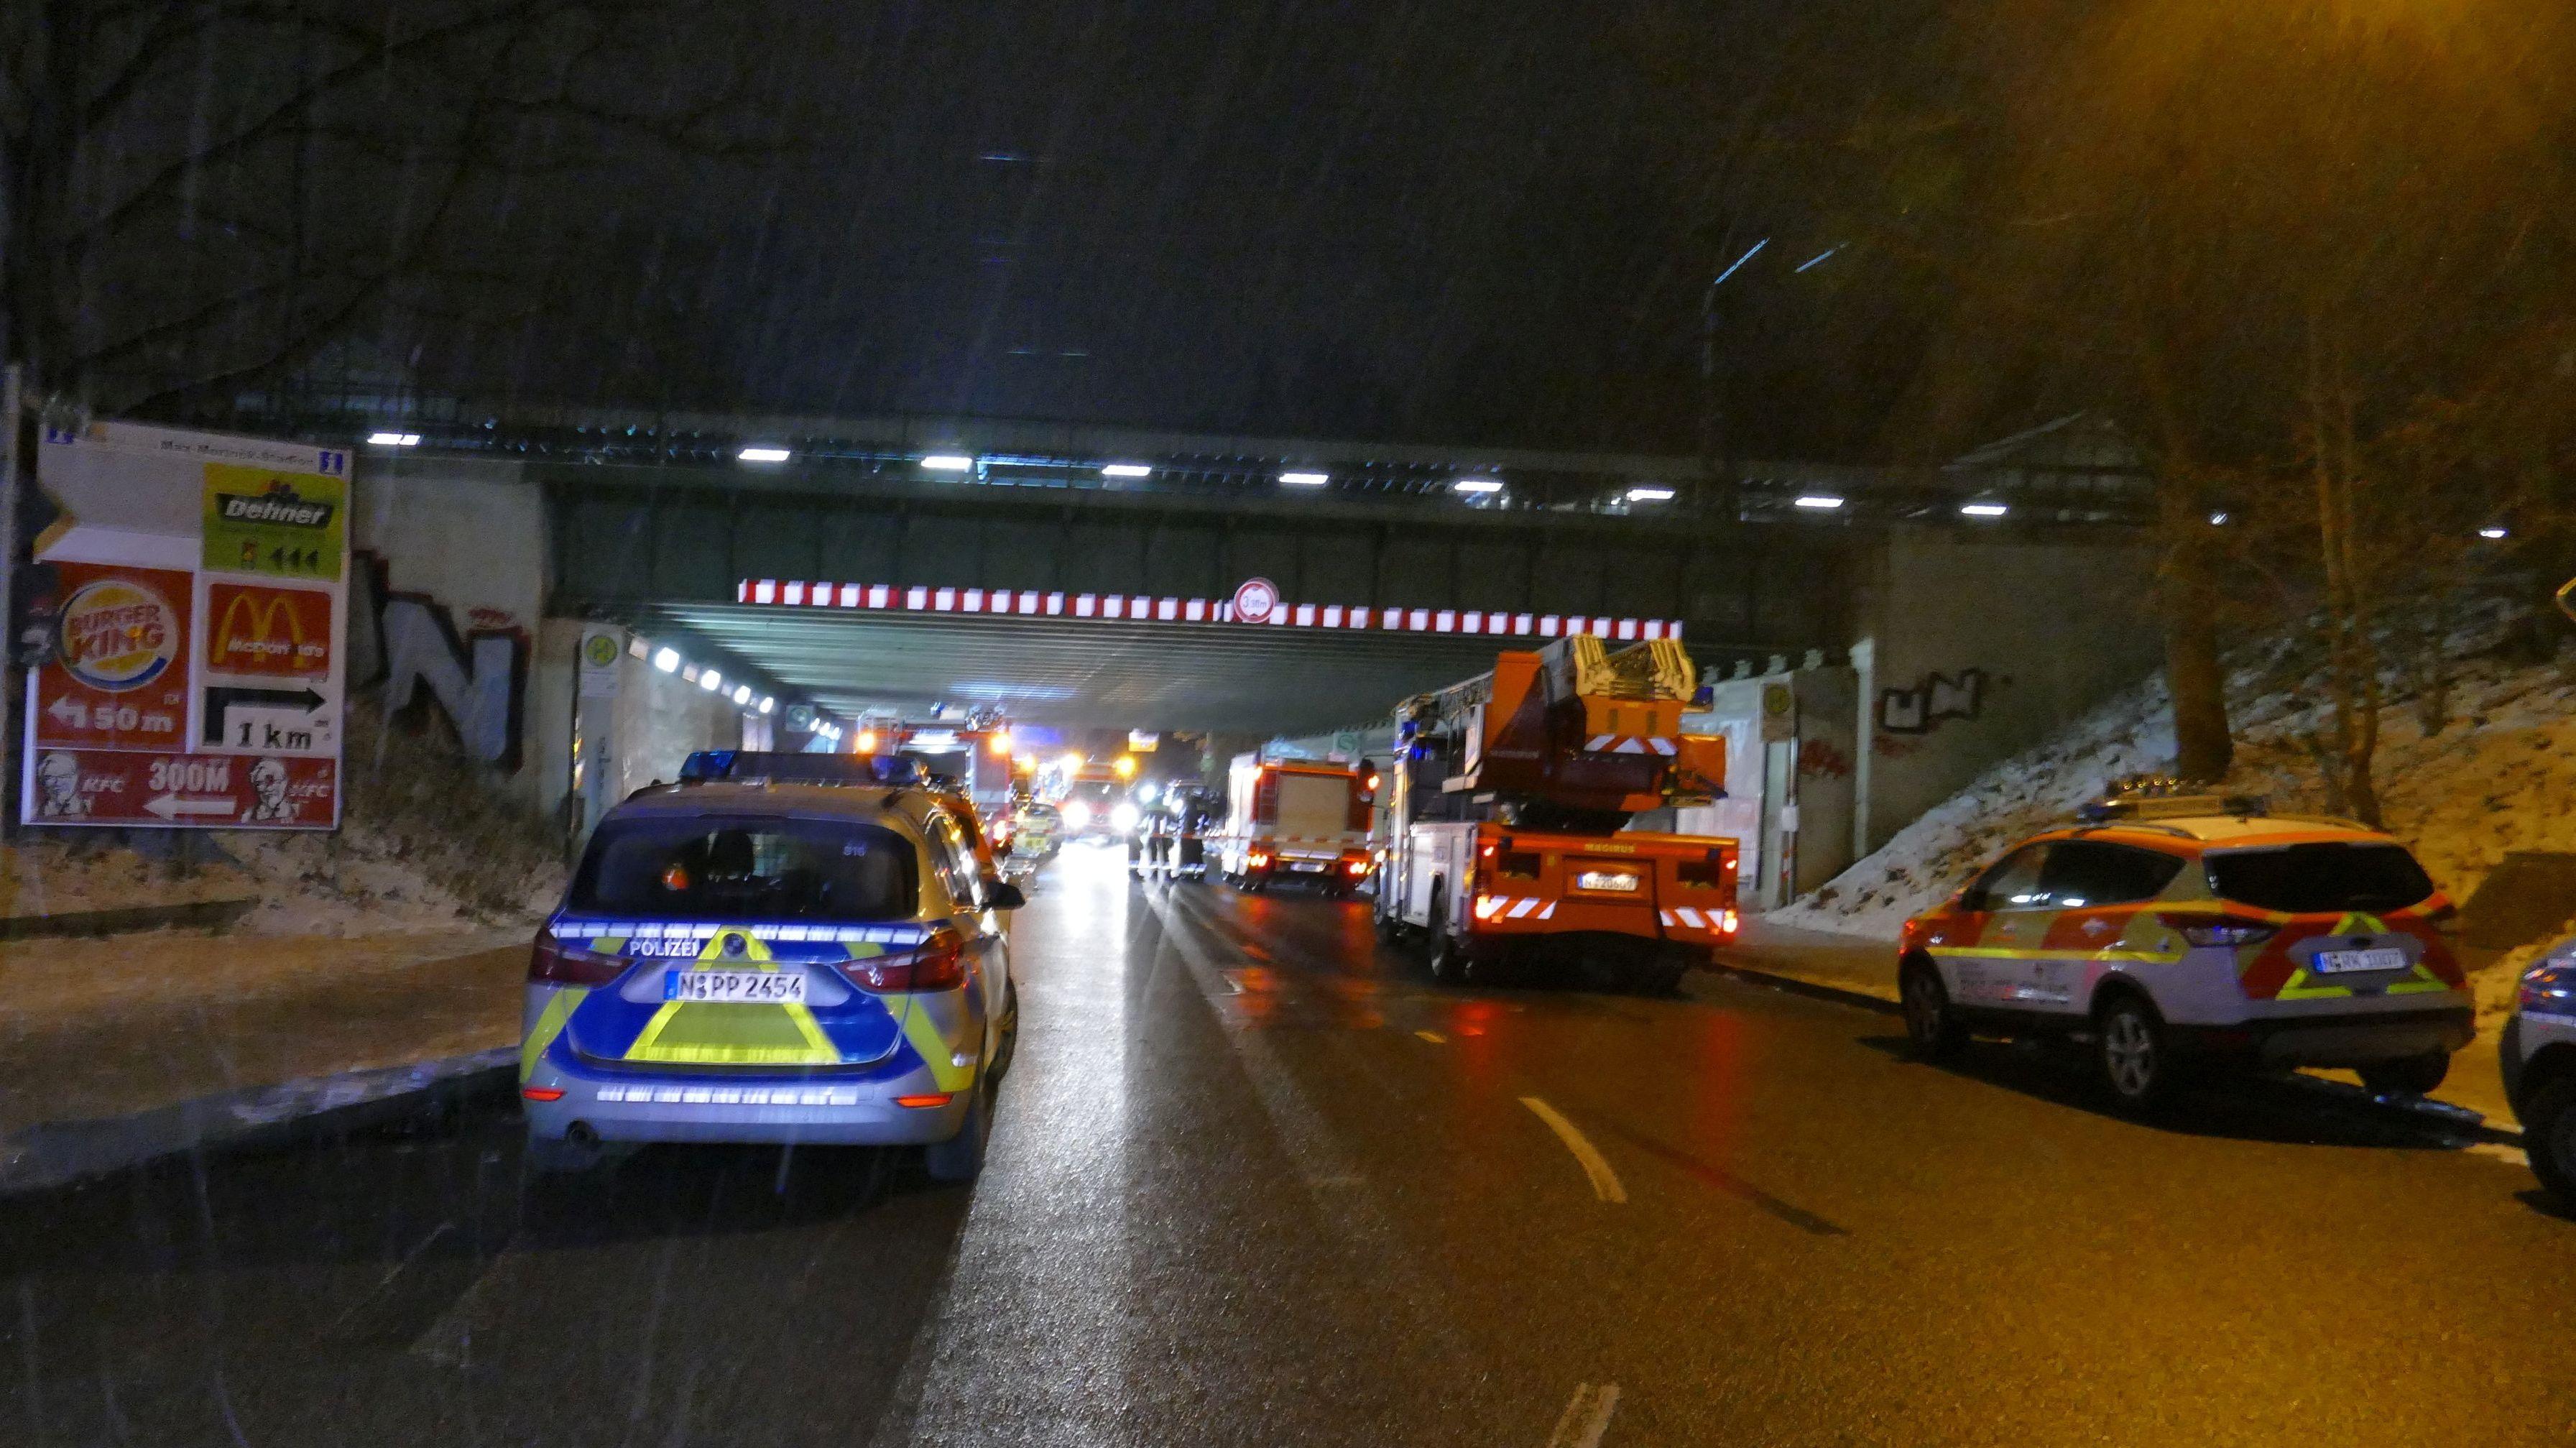 Rettungskräfte beim Einsatz an der S-Bahn-Haltestelle Frankenstadion in Nürnberg